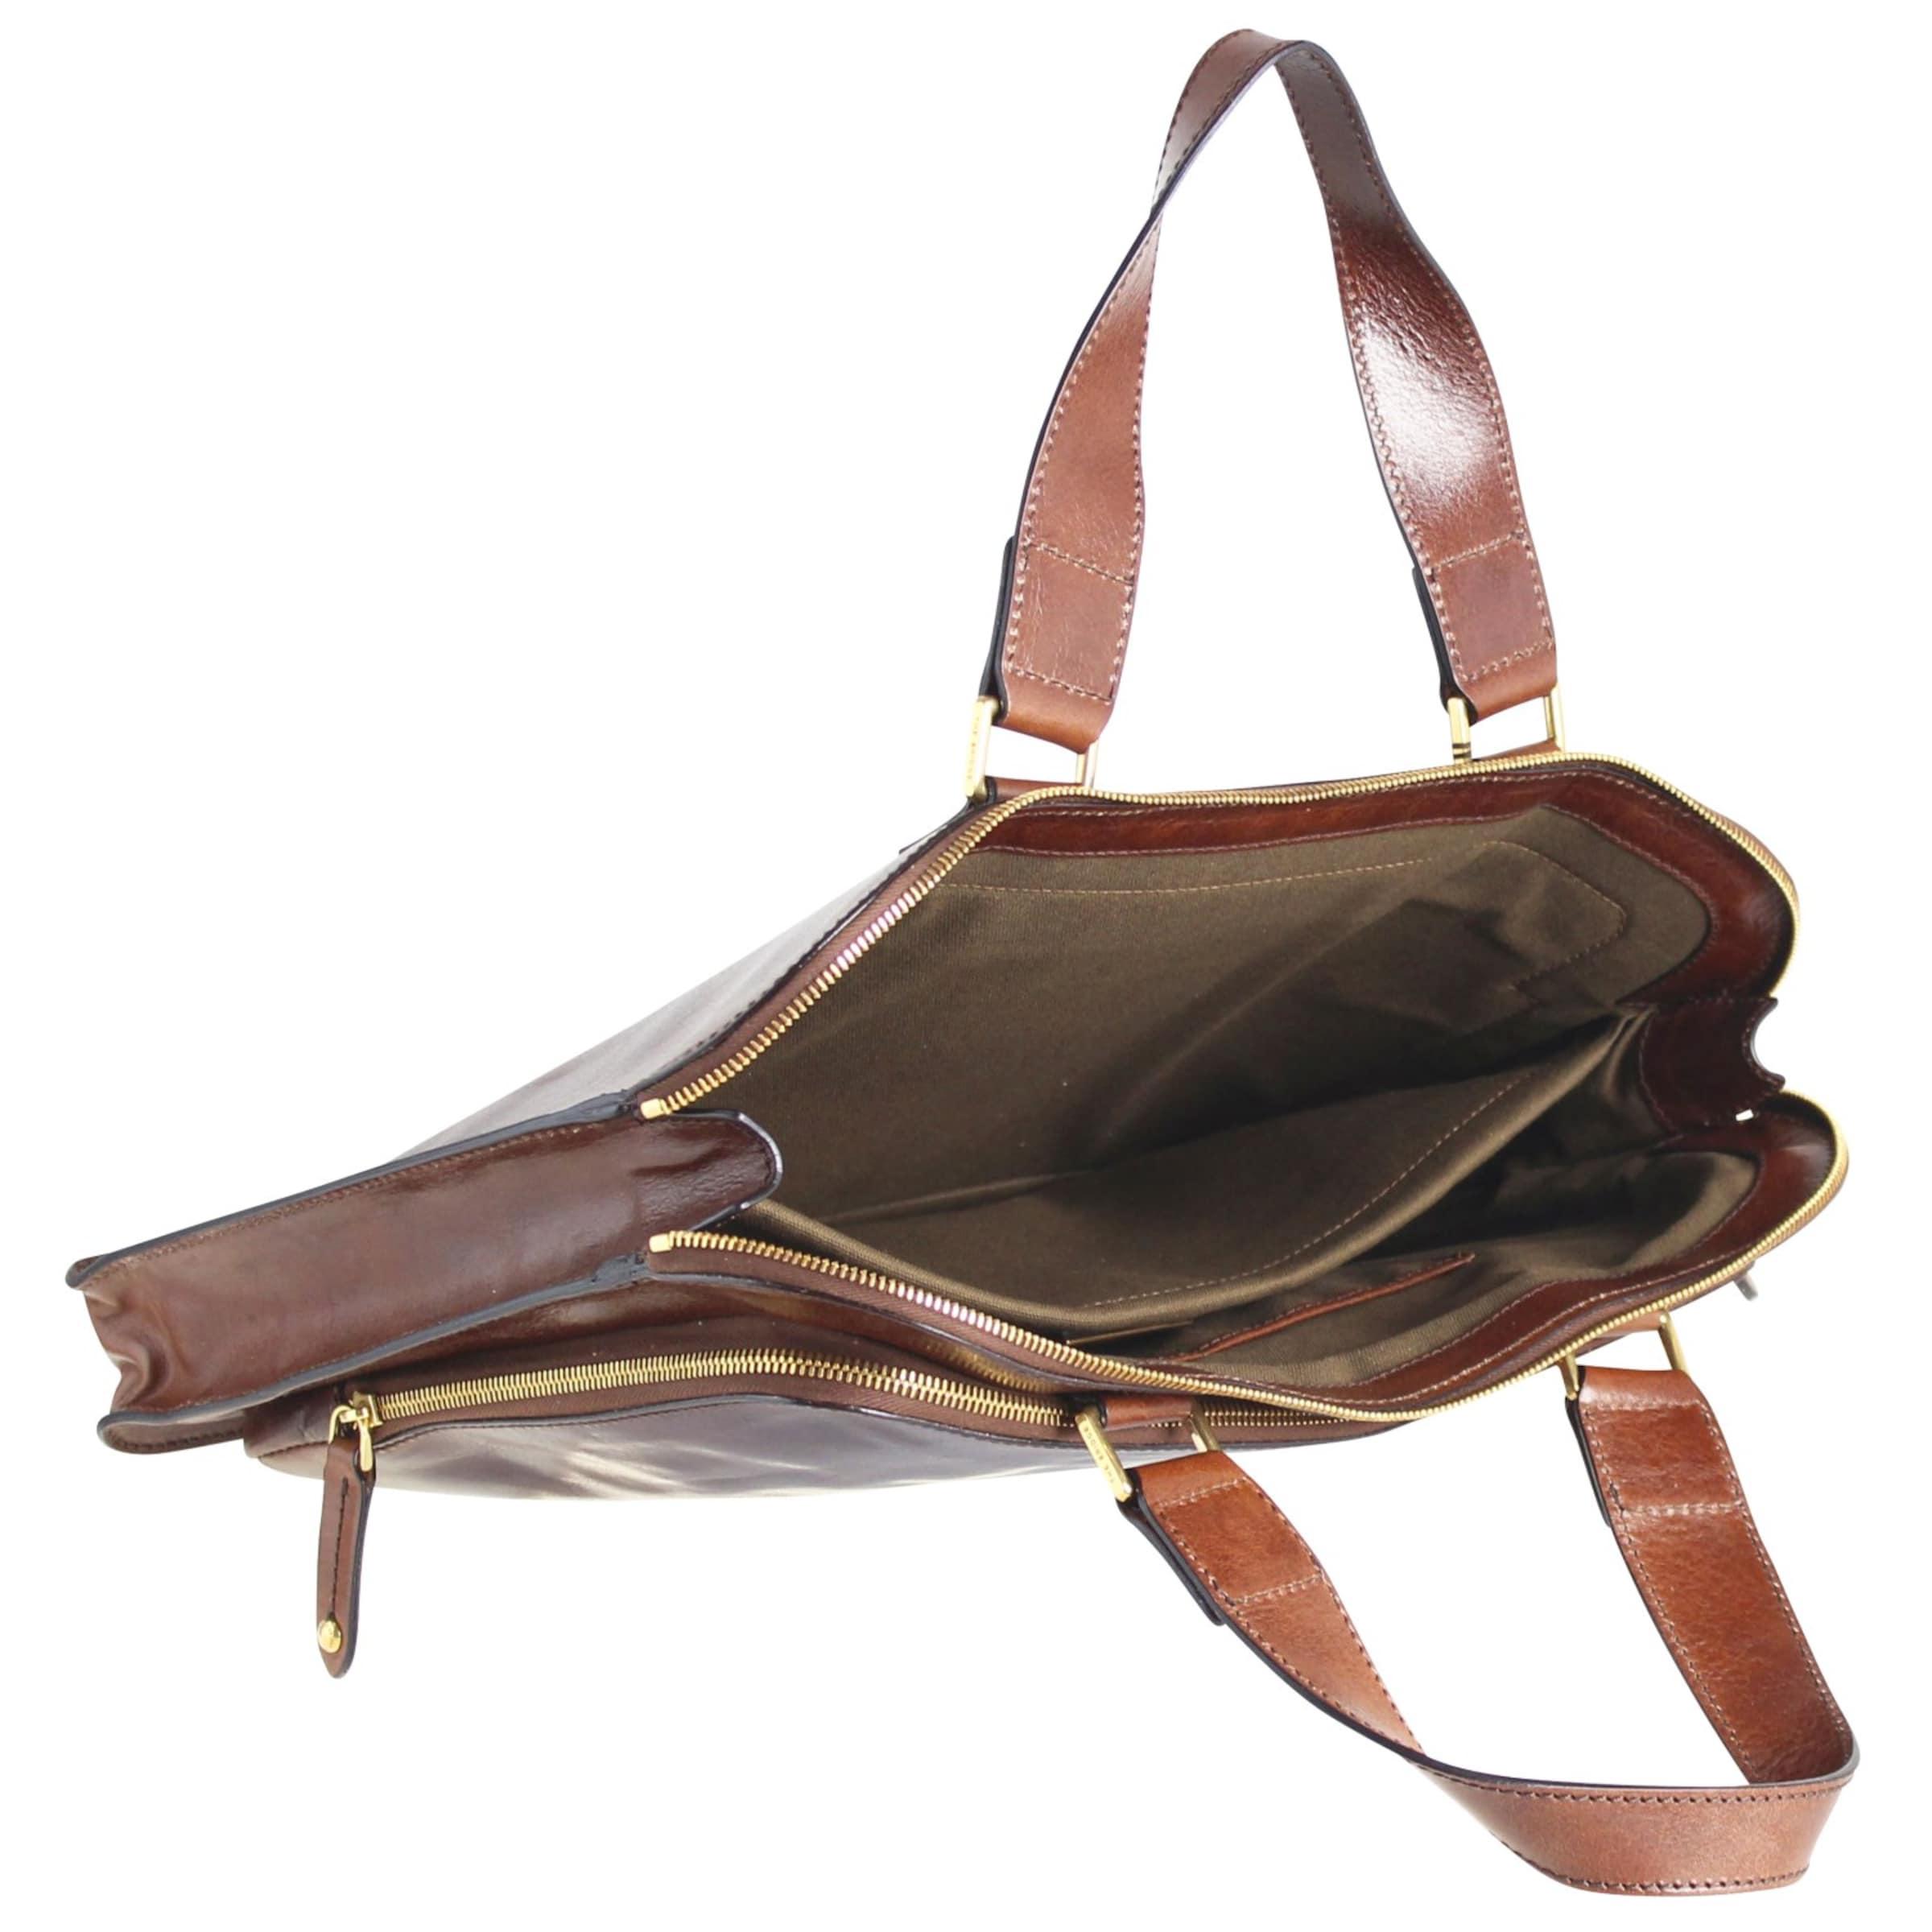 Niedriger Versand Zum Verkauf Kaufen Billig Zu Kaufen The Bridge Jade Handtasche Leder 40 cm Freies Verschiffen 2018 Unisex Freies Verschiffen Bester Verkauf umprB